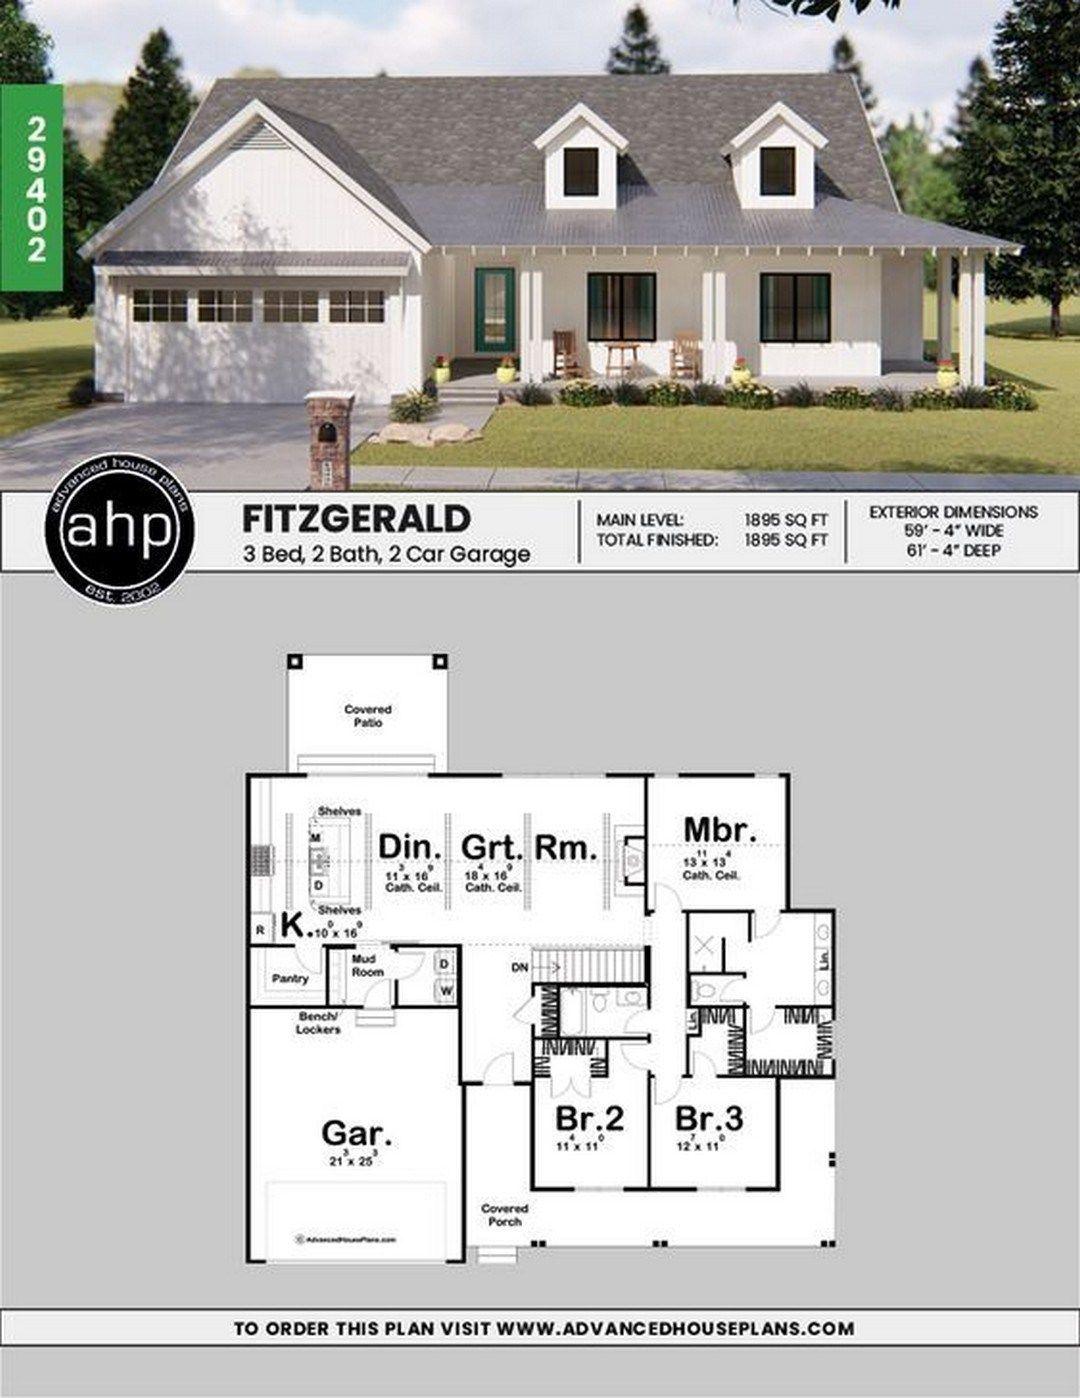 48 Brilliant Small Farmhouse Plans Design Ideas Farmhouse Room Small Farmhouse Plans House Plans Farmhouse Farmhouse House